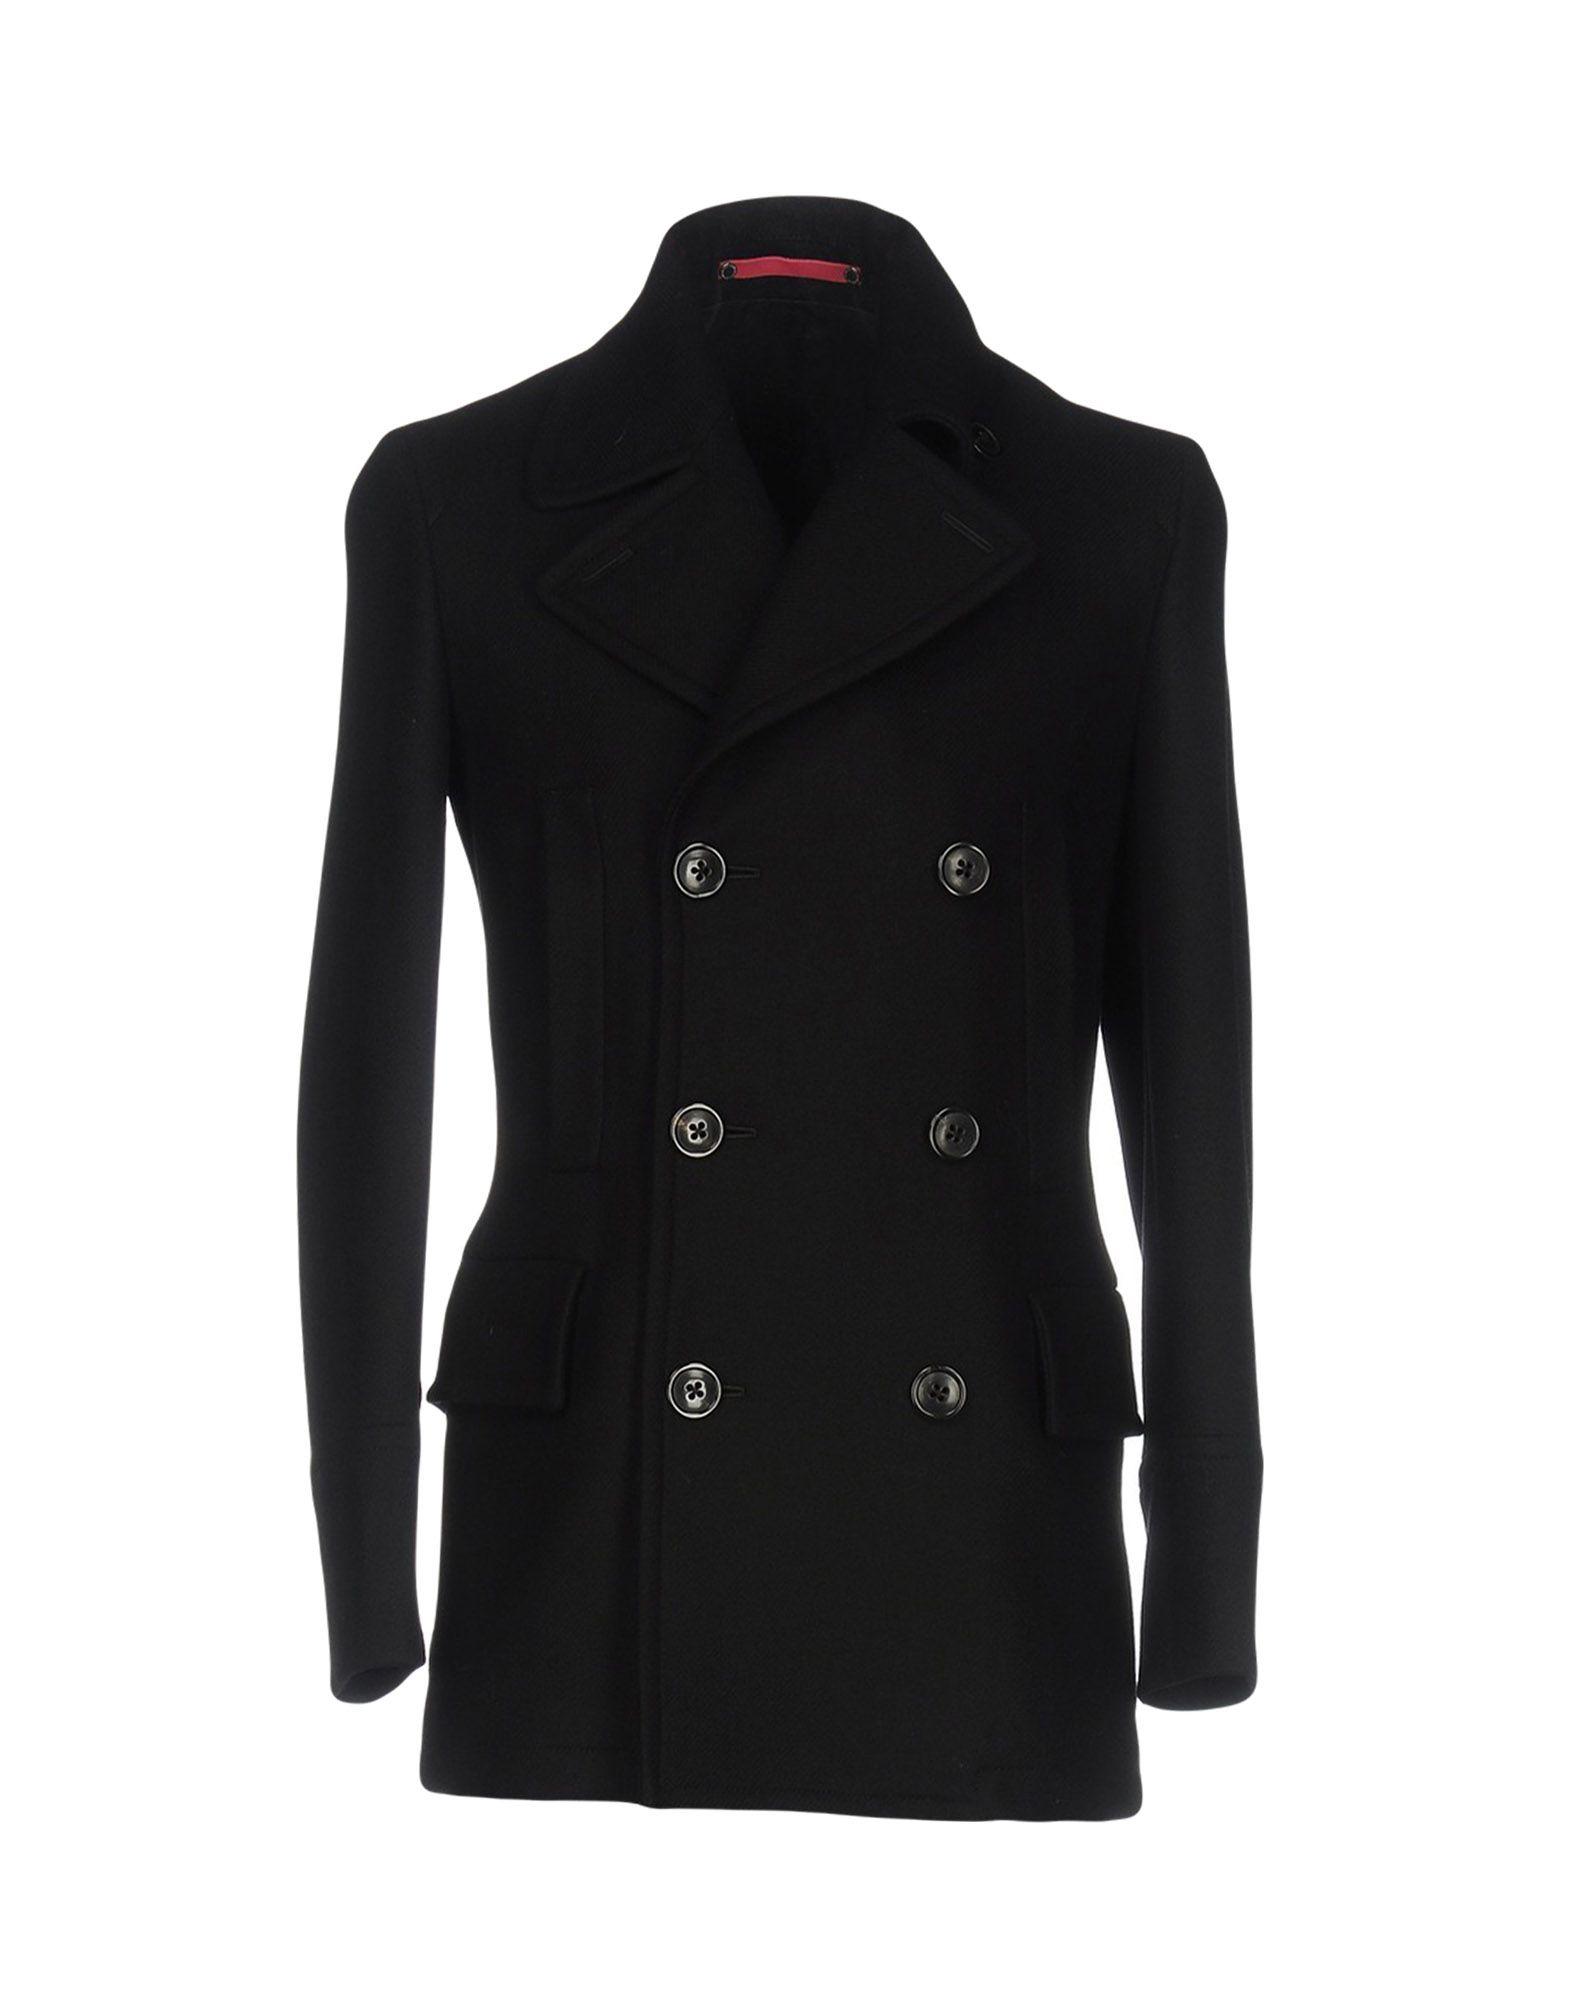 PS PAUL SMITH Пальто полуприлегающее пальто с натуральным мехом visconf